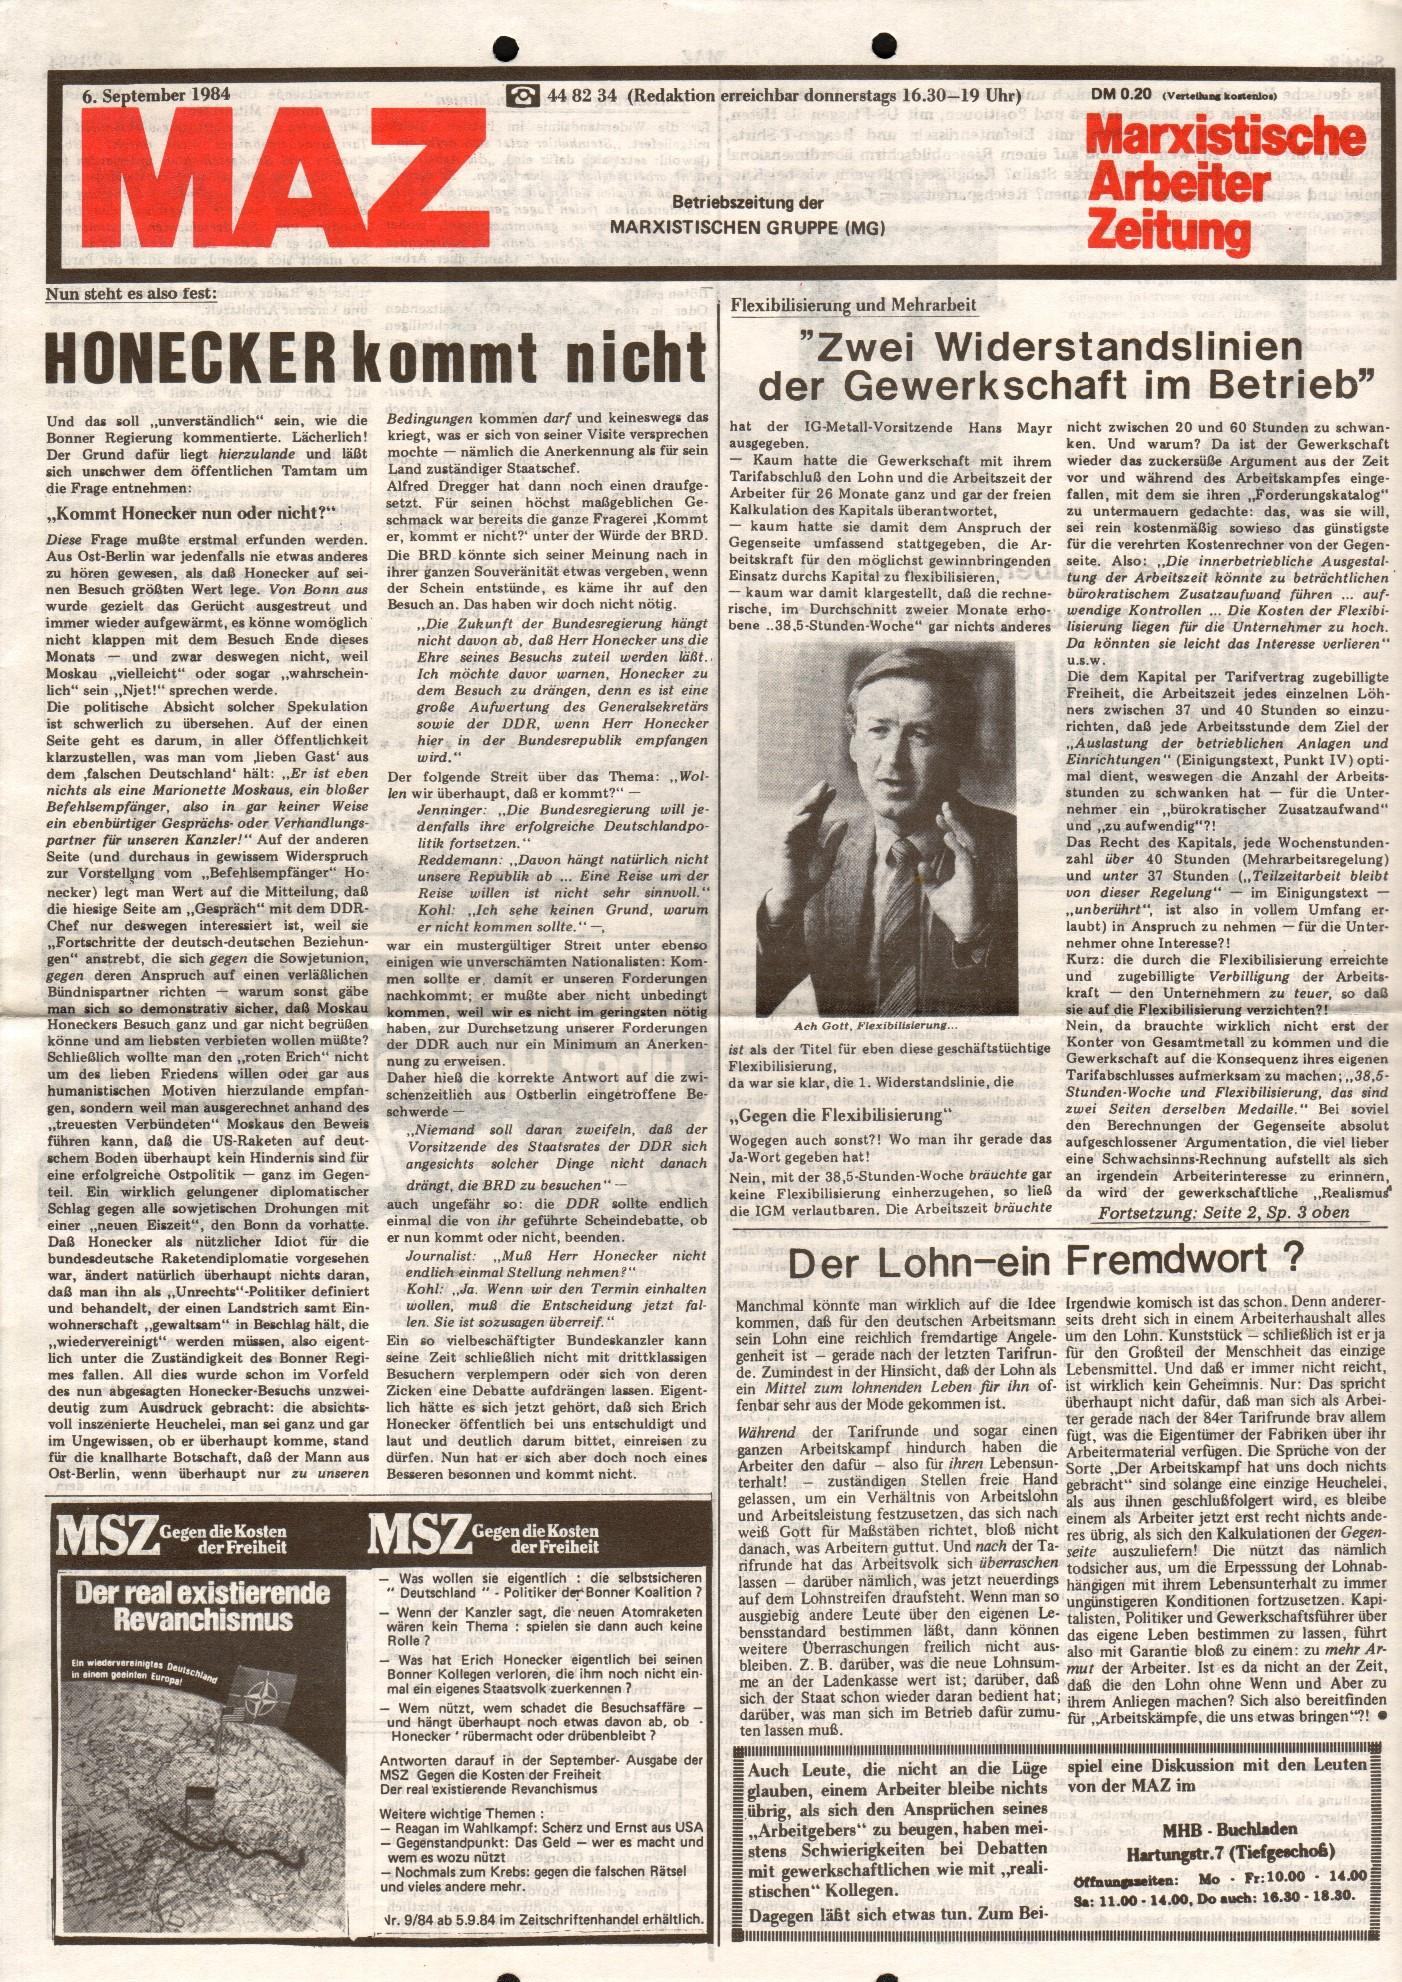 Hamburg_MG_MAZ_19840906_01